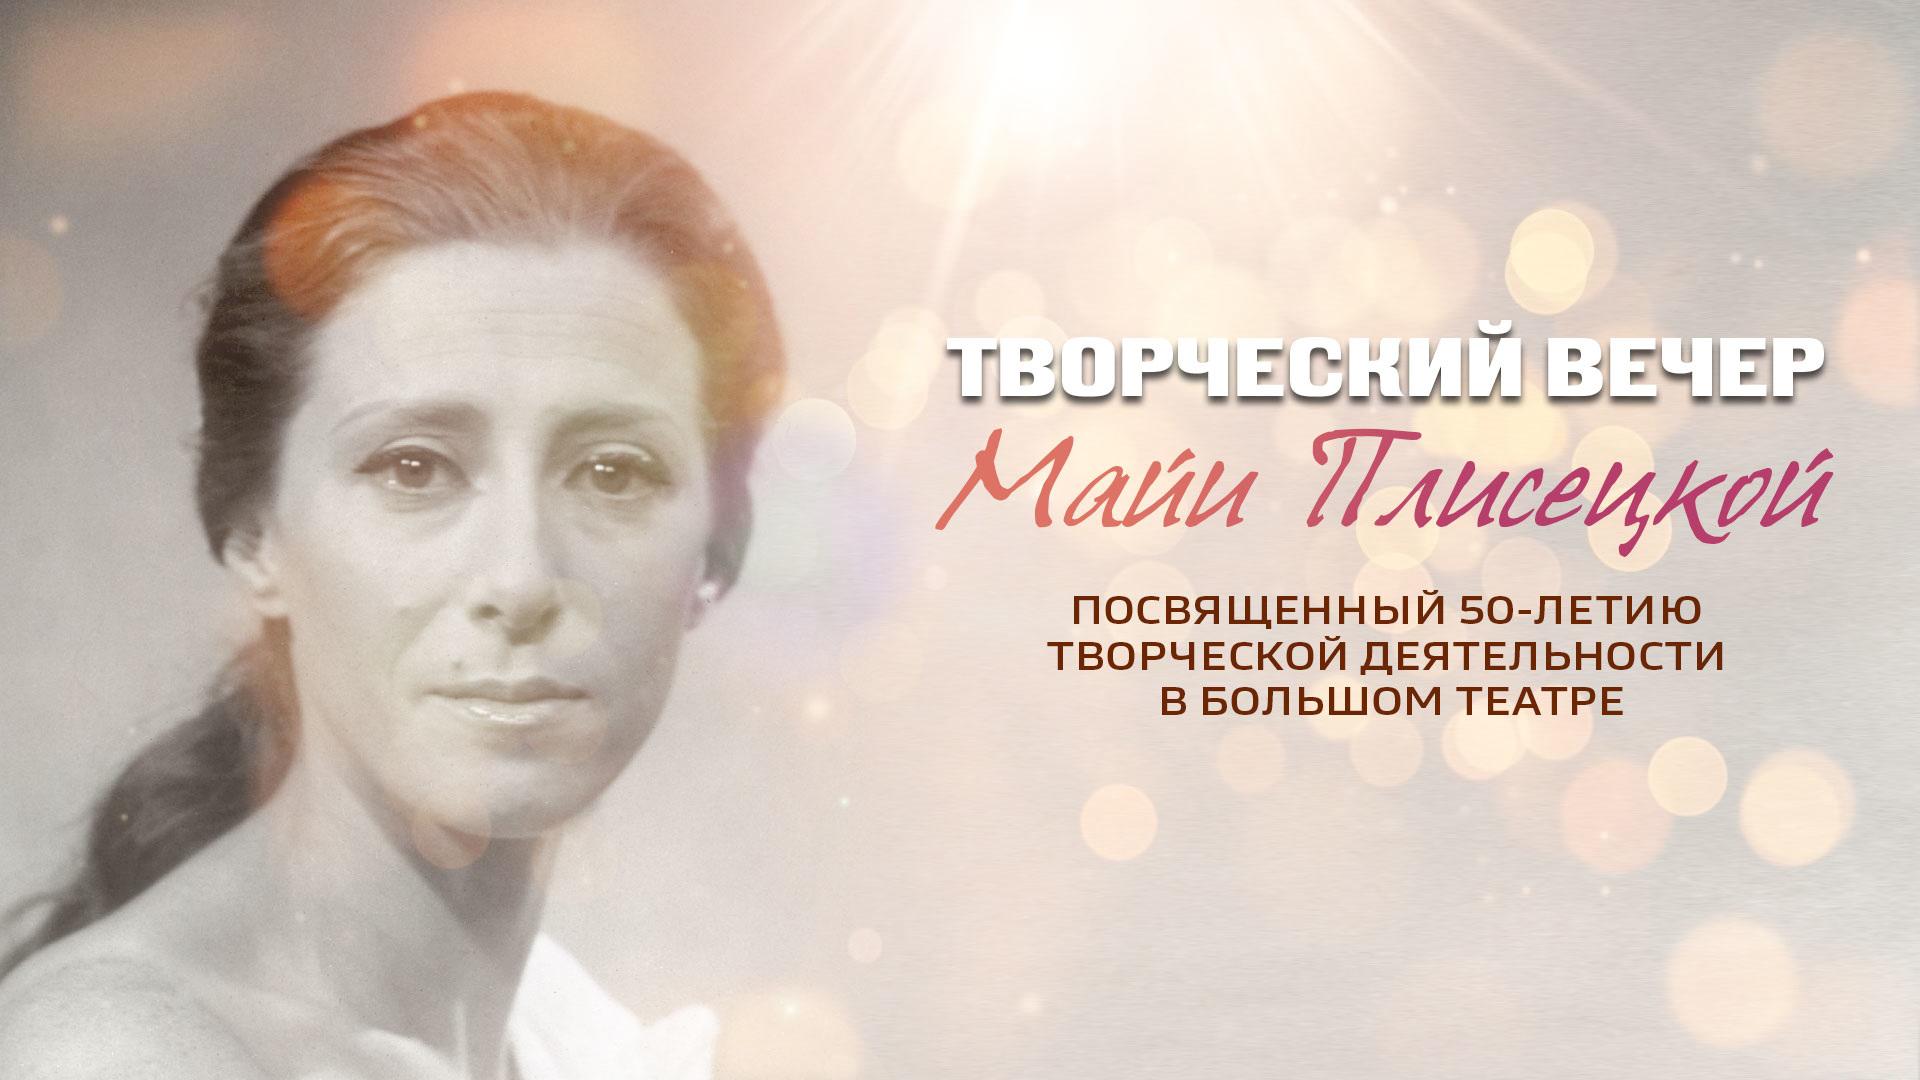 Творческий вечер Майи Плисецкой, посвященный 50-летию творческой деятельности в Большом театре